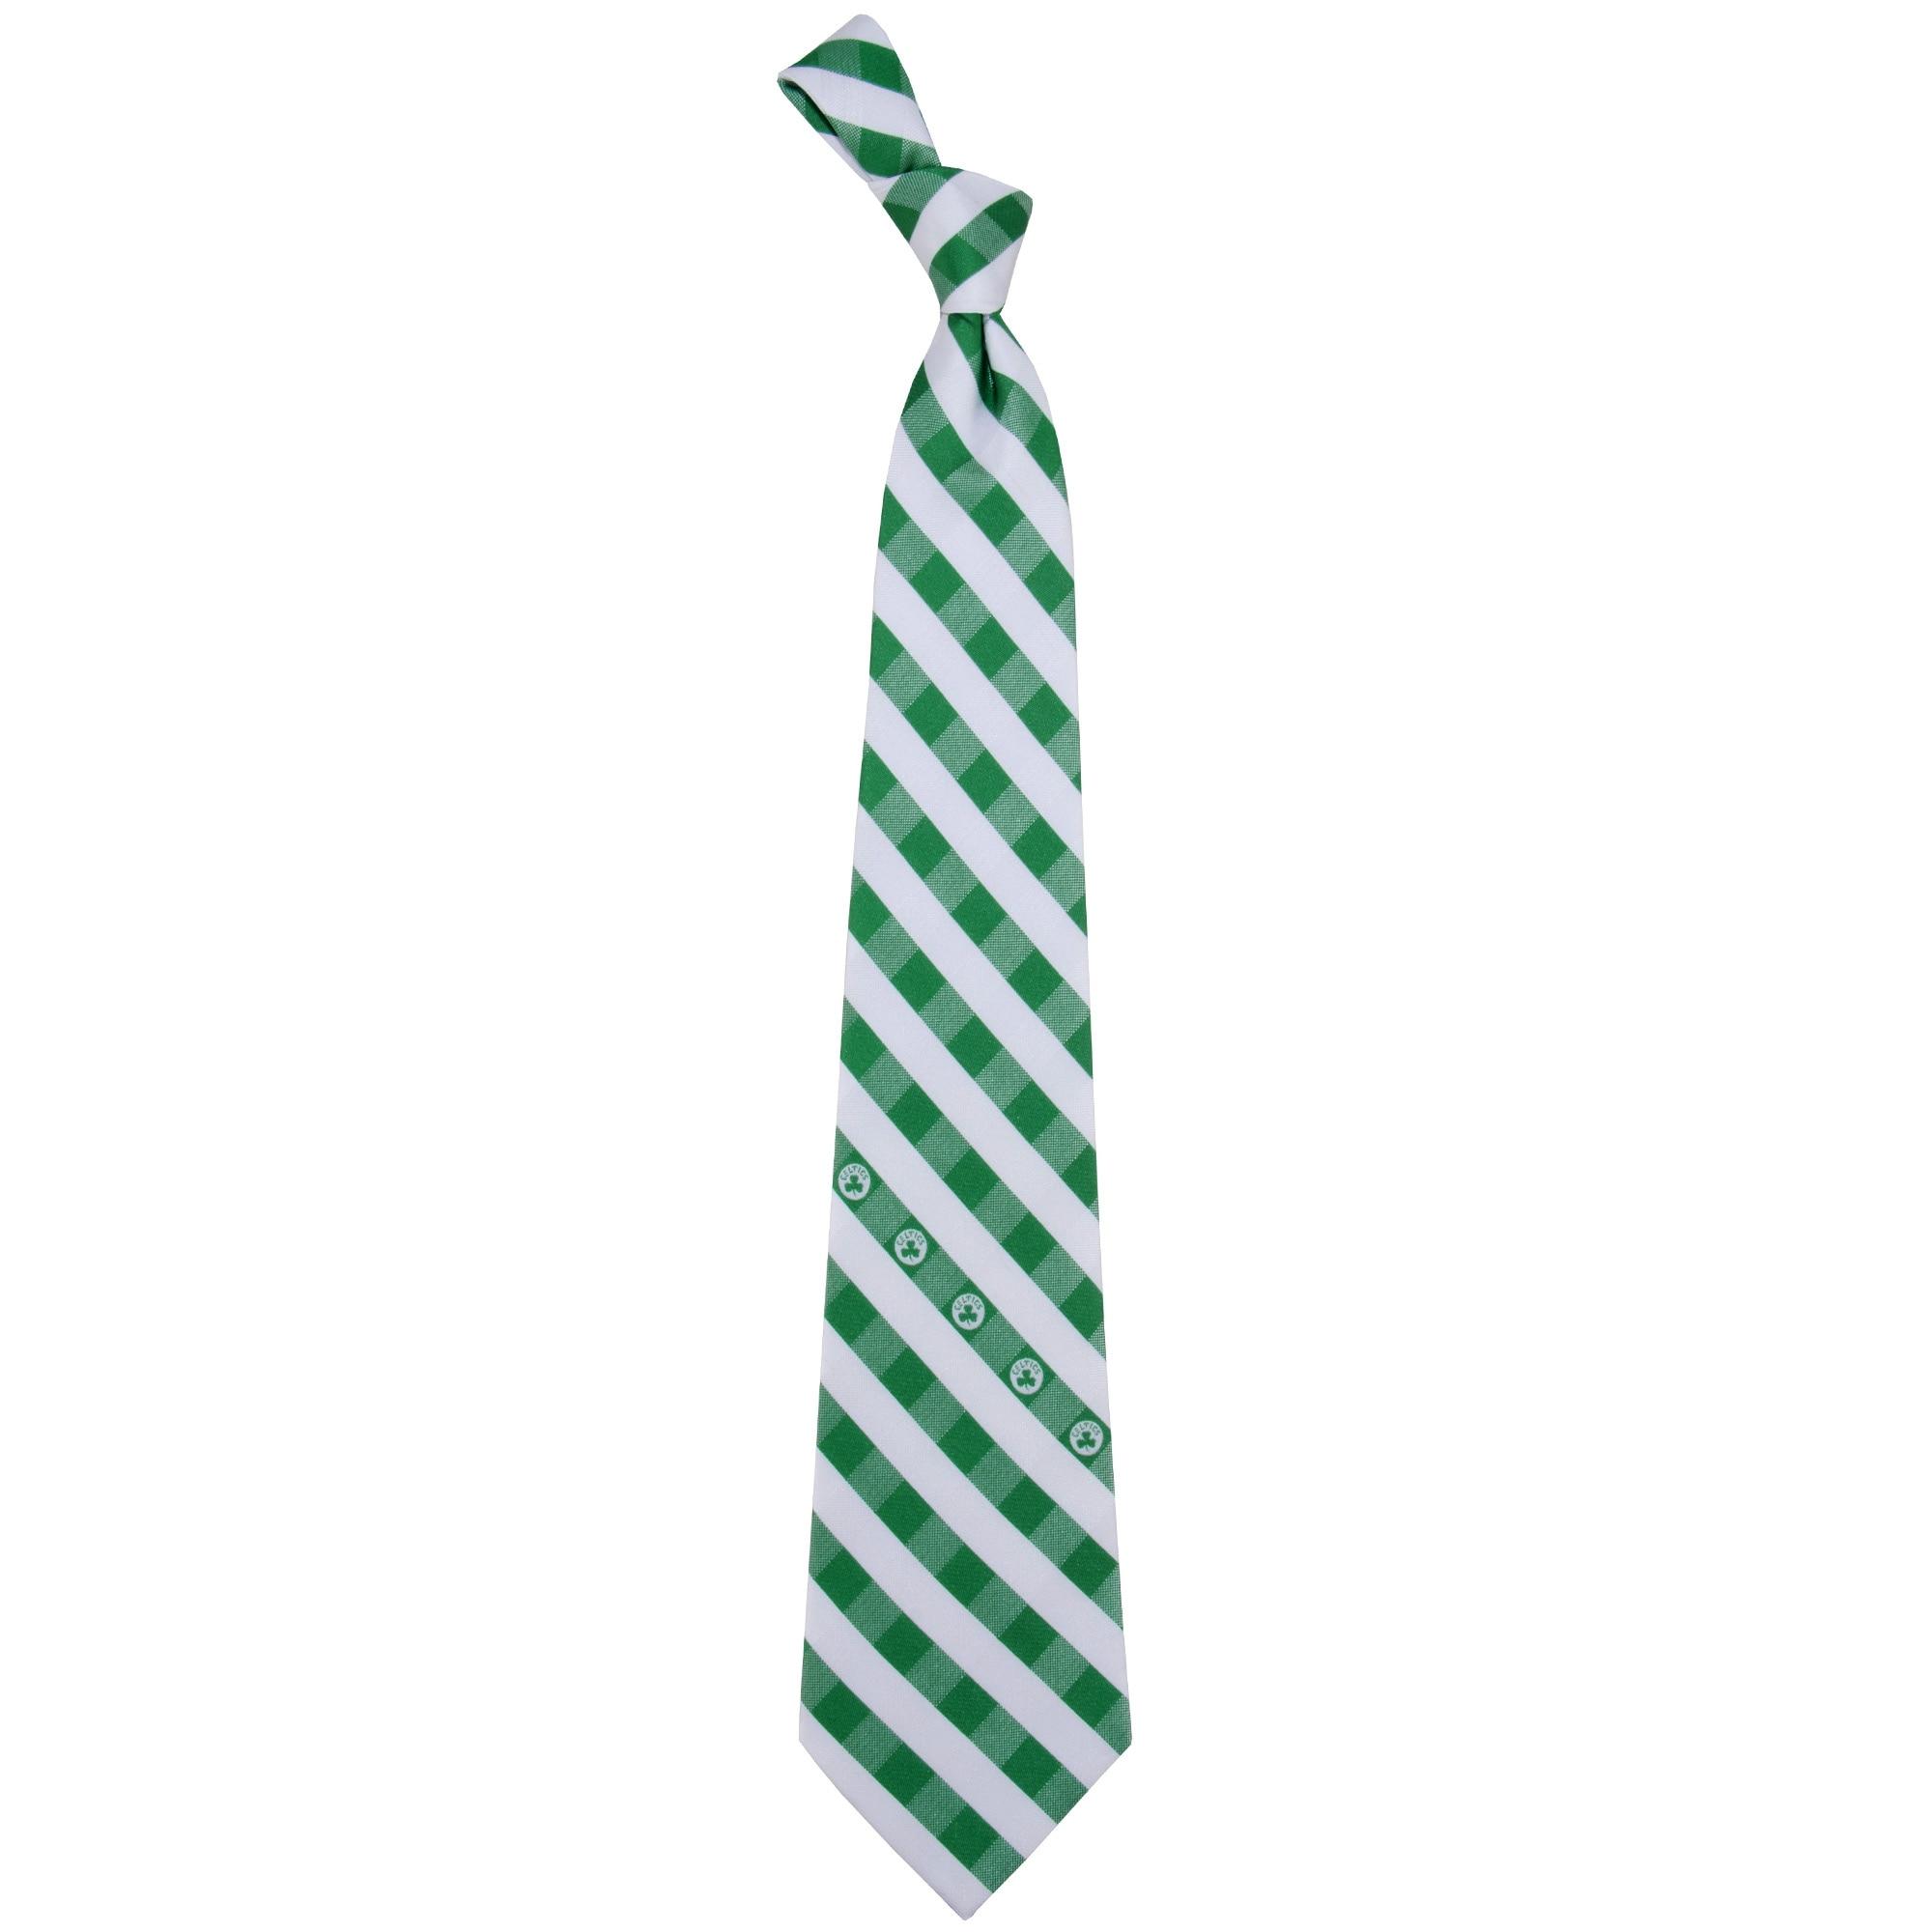 Boston Celtics Woven Checkered Tie - Kelly Green/White